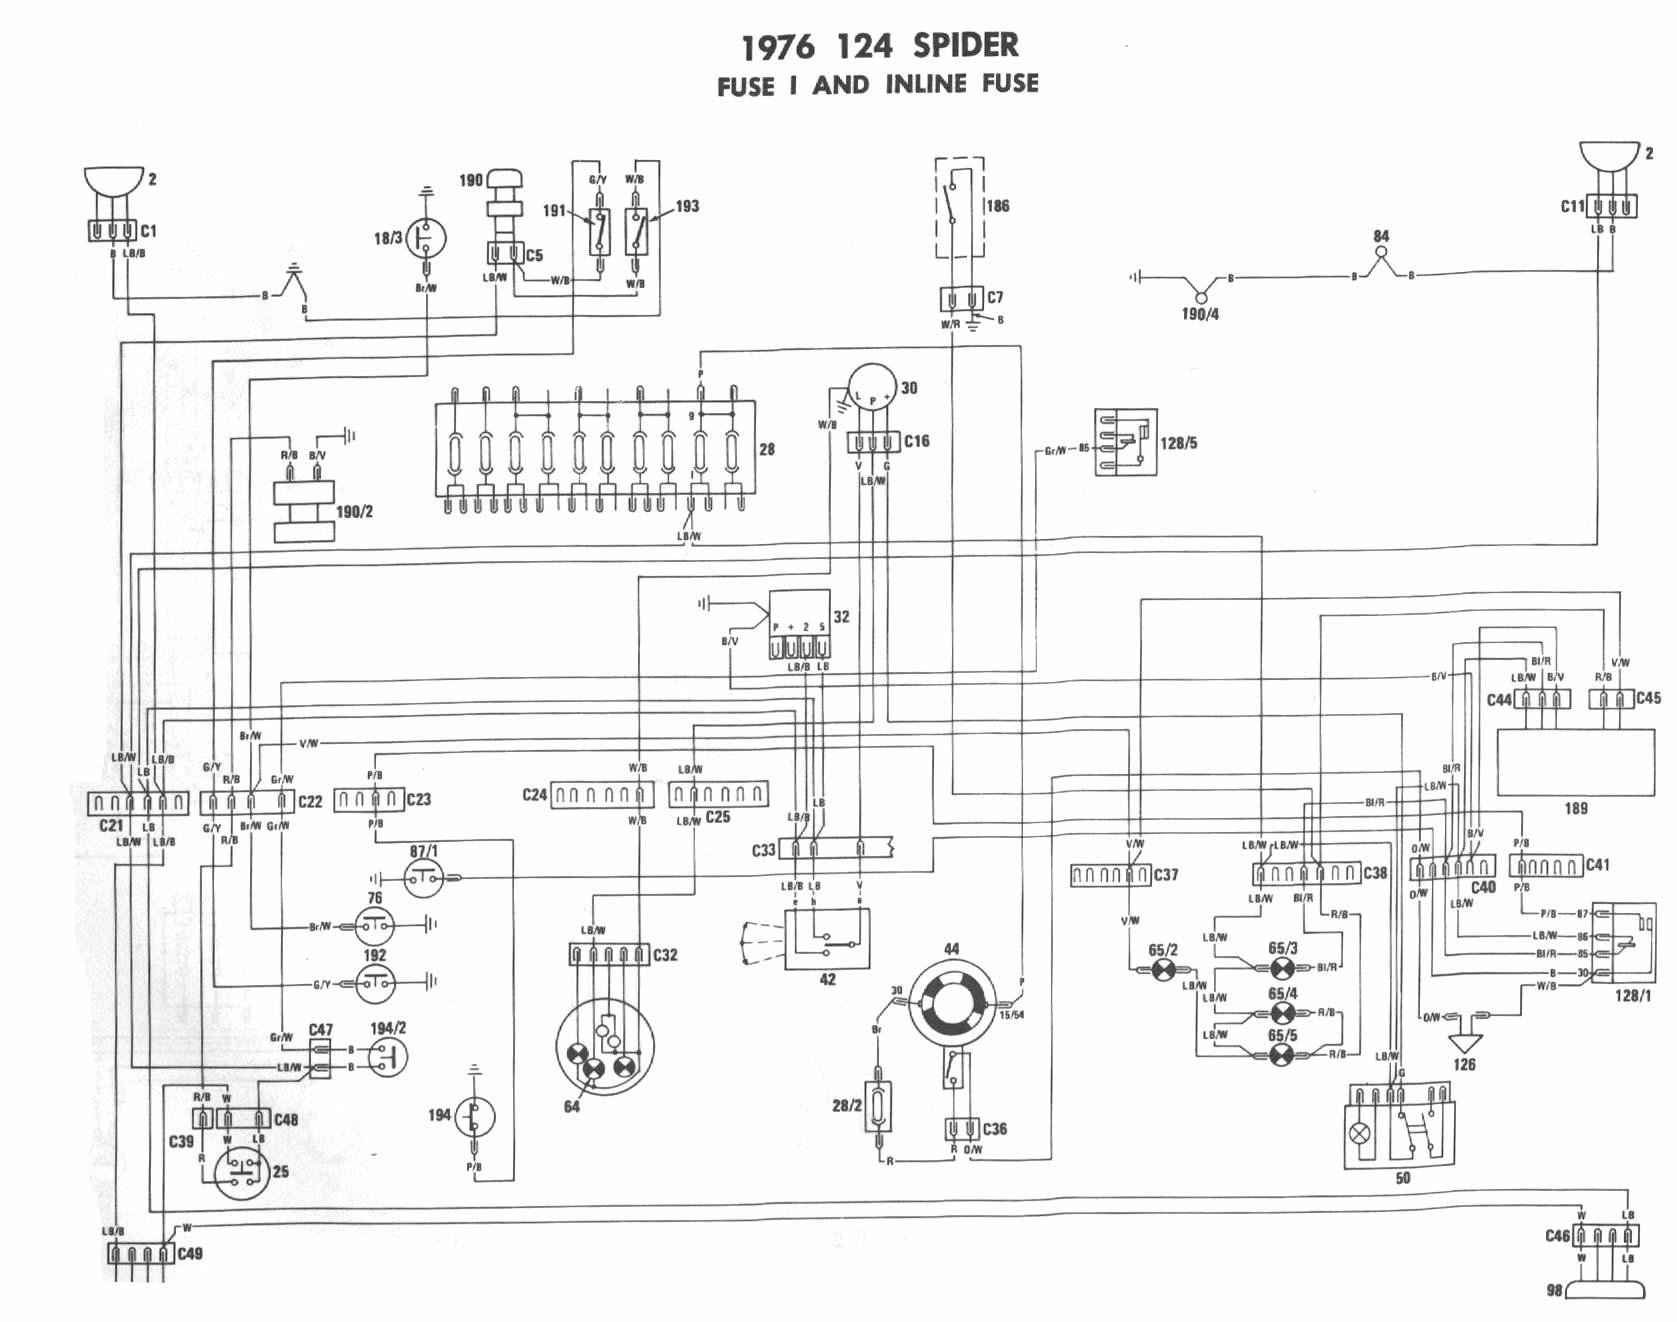 1975 fiat 124 spider wiring diagram Download-Fiat 124 Wiring Diagram Collection 1975 Fiat Wiring Diagram Starter Wiring Diagram 1975 Corvette Wiring 18-b